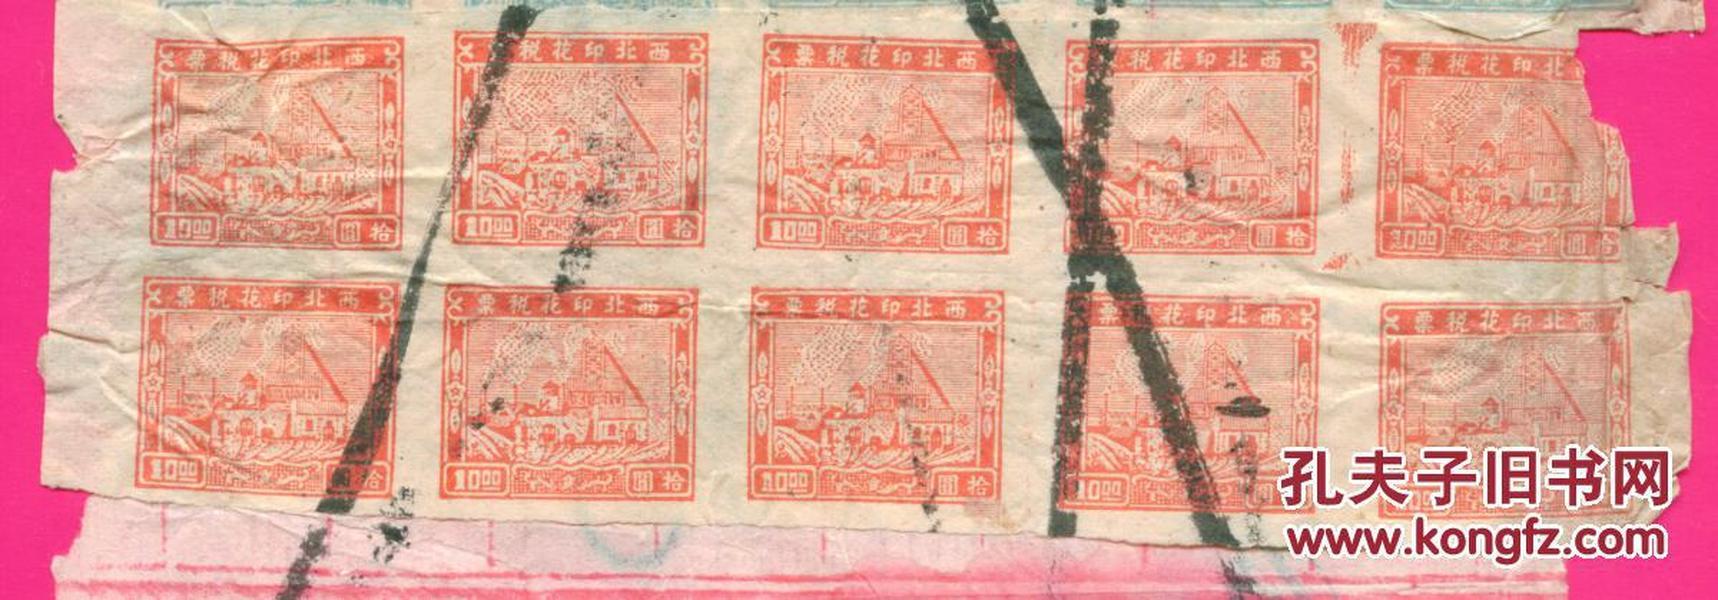 """解放区--1949年12月16日,西安""""架碳""""发票,贴税票37张"""